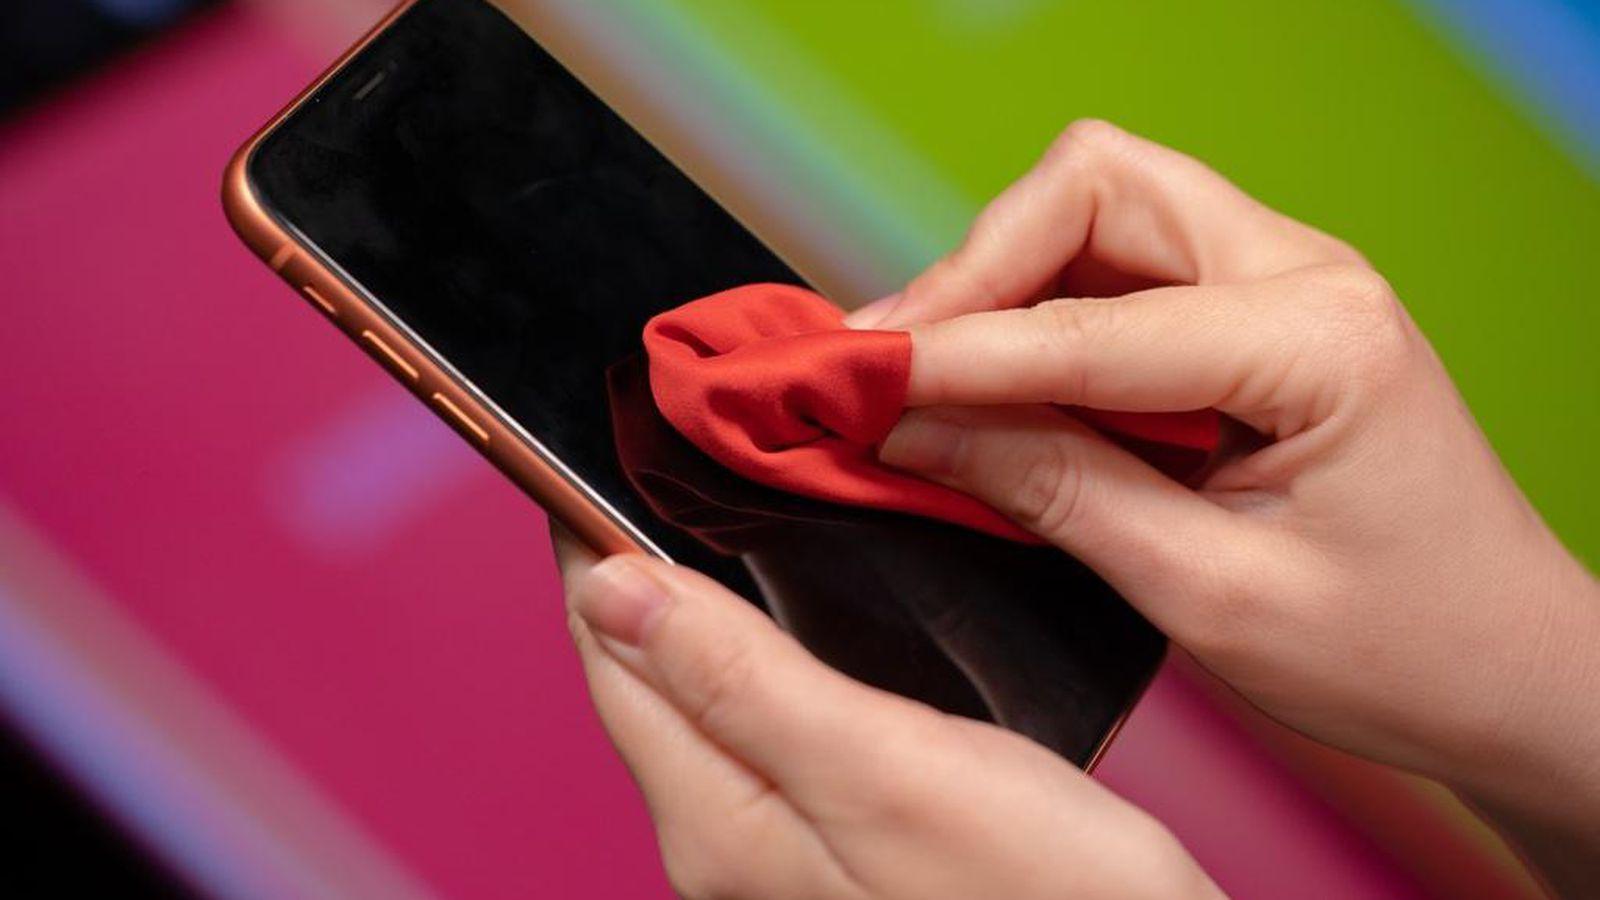 Đừng bao giờ lau màn hình smartphone bằng 9 thứ này